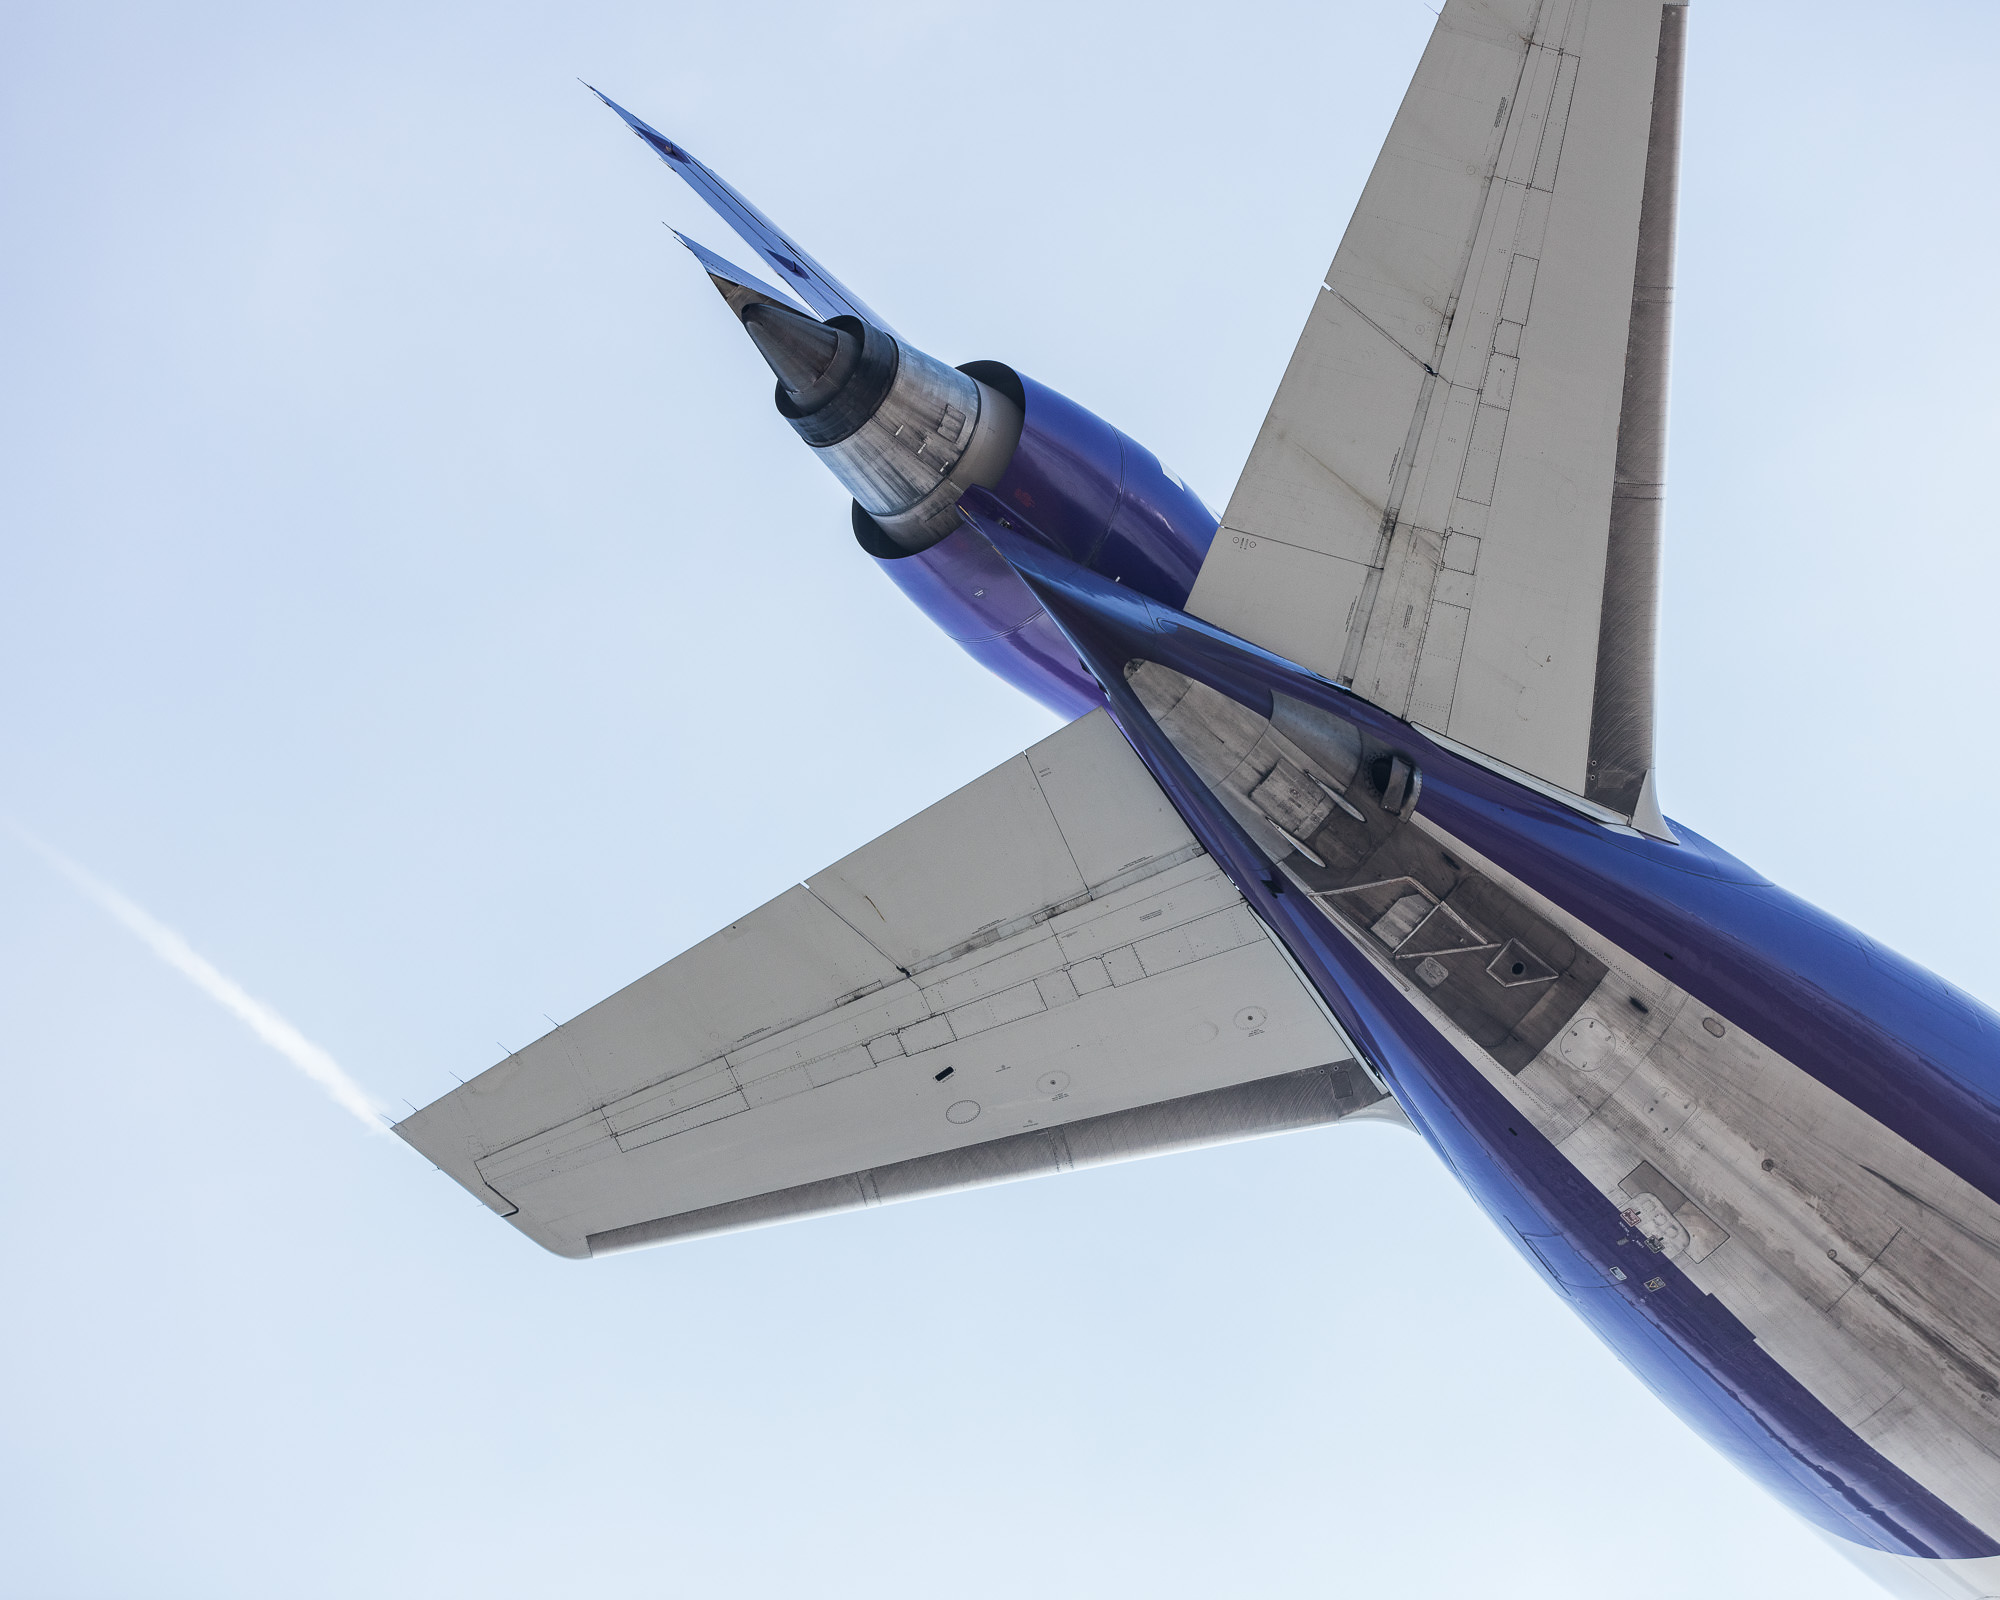 mike-kelley-final-approach-aviation-10.jpg